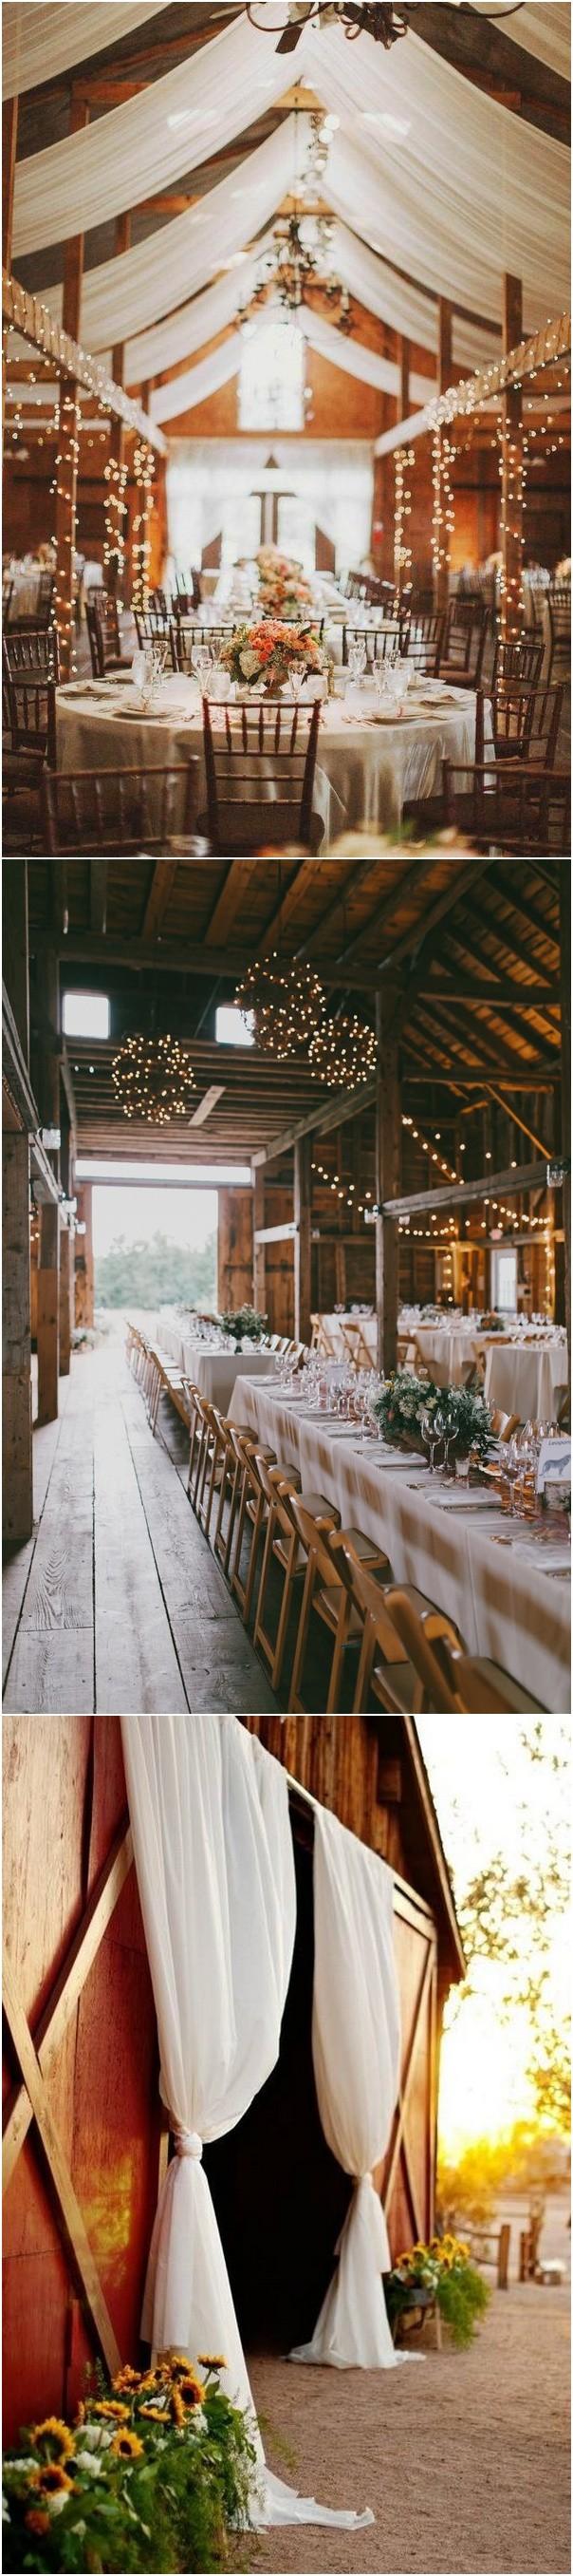 country rustic barn wedding reception ideas